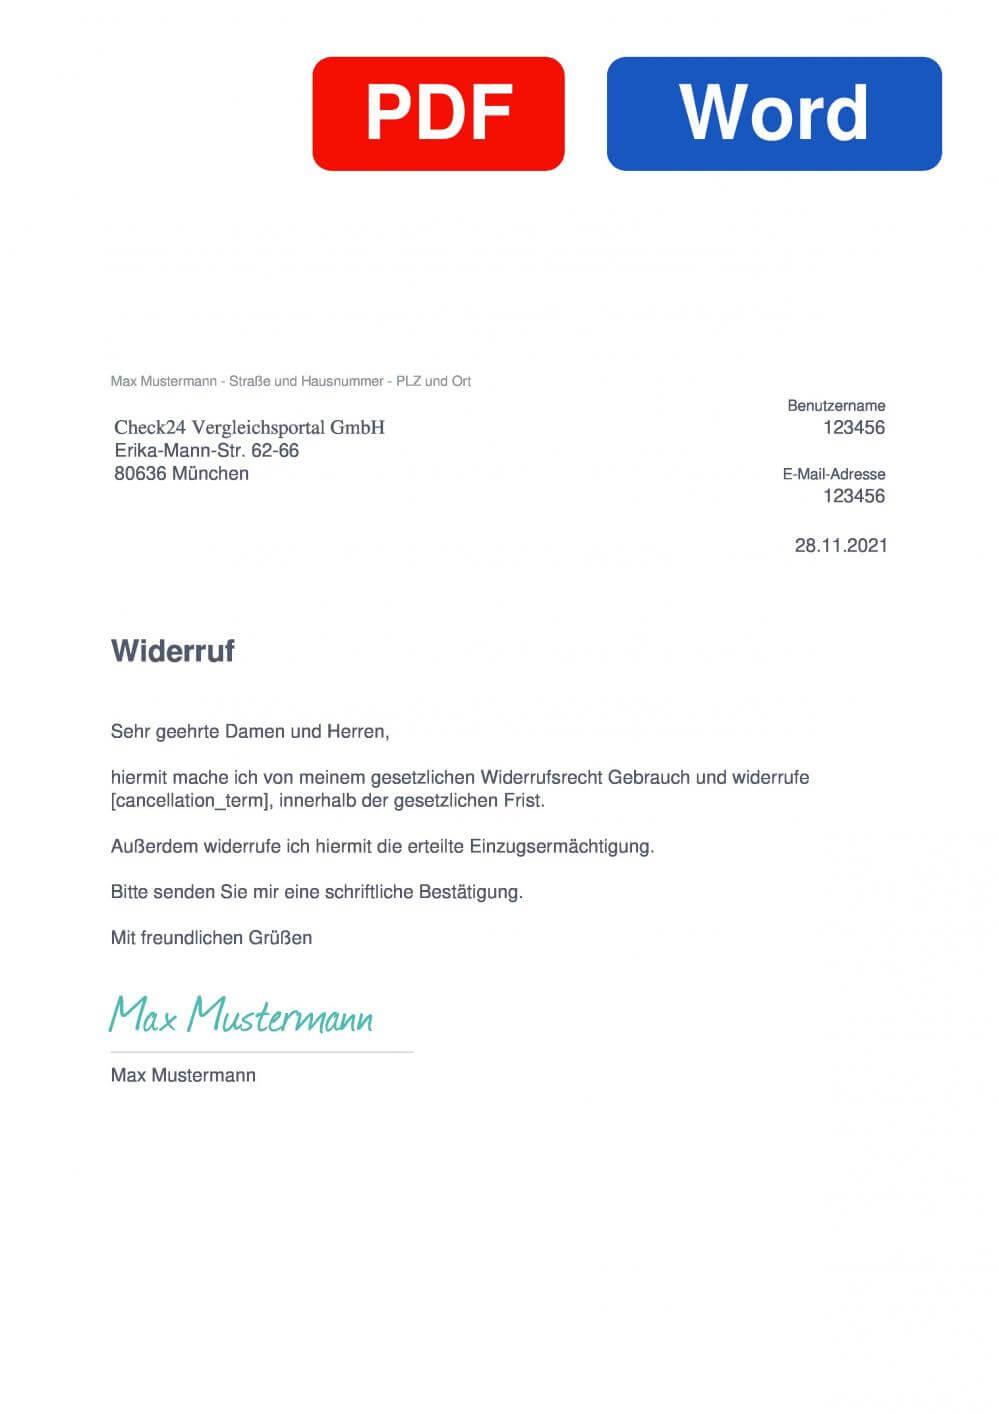 Check24 Muster Vorlage für Wiederrufsschreiben